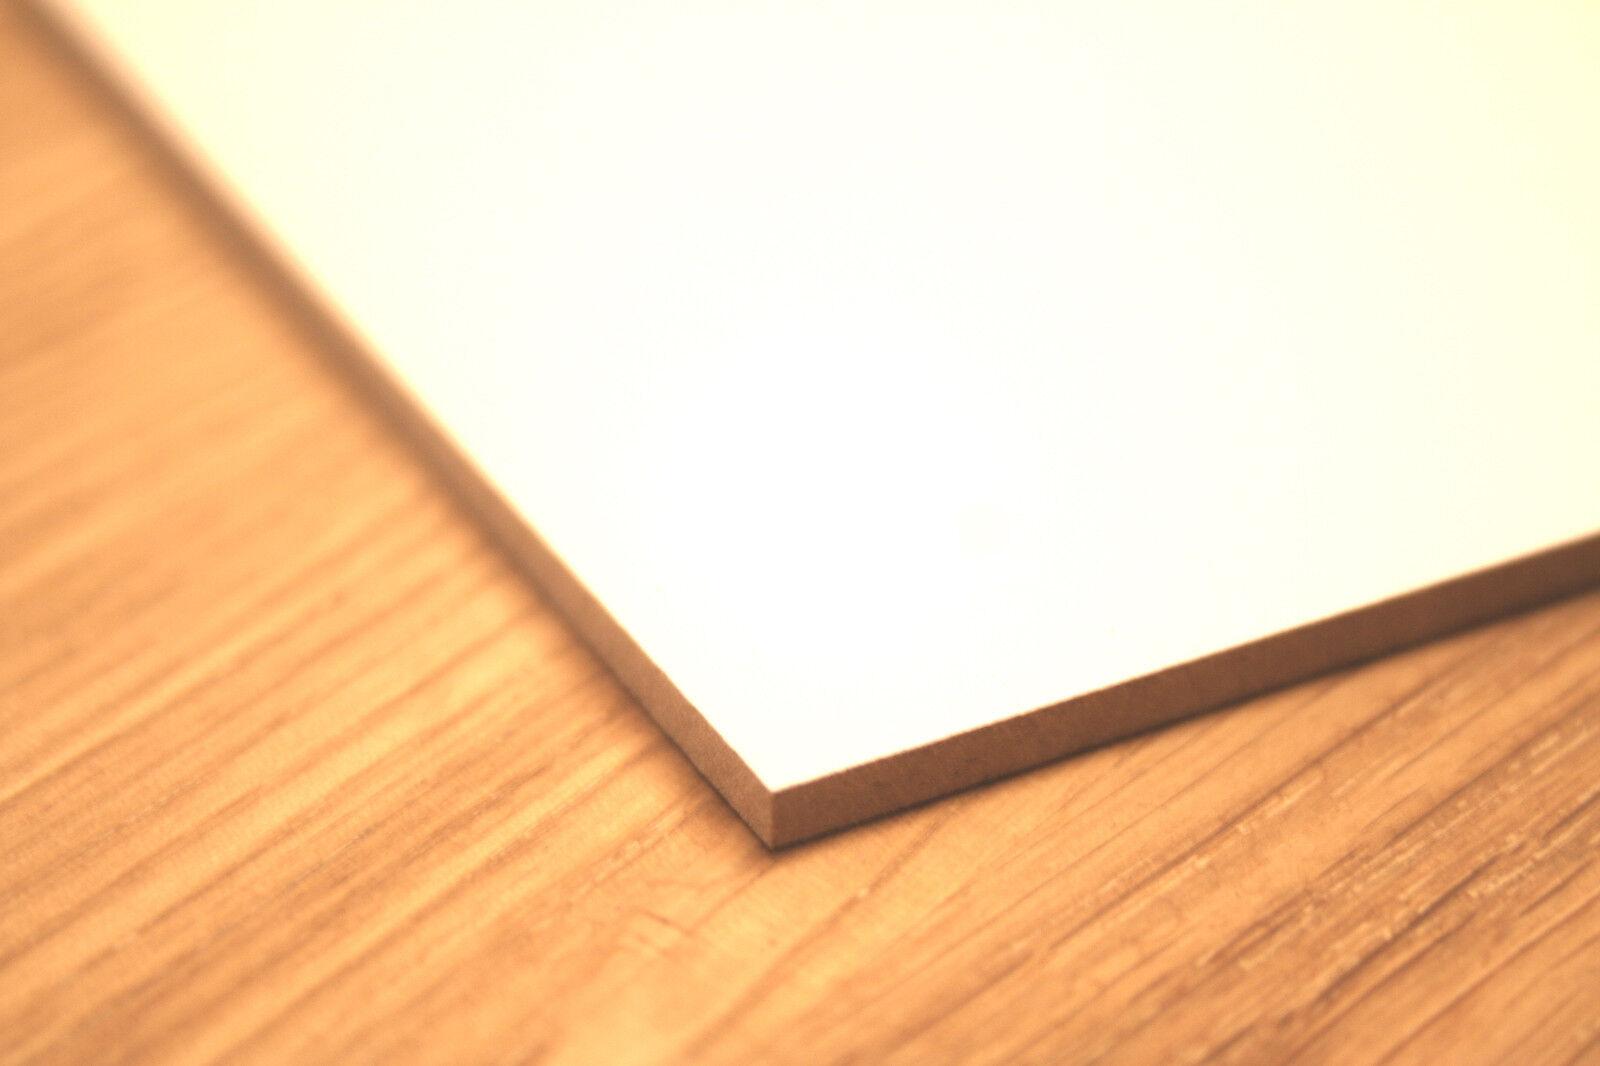 Holz Möbelbau Holz Raum Andreas Kopke Sabine Kopke Gbr D 68723